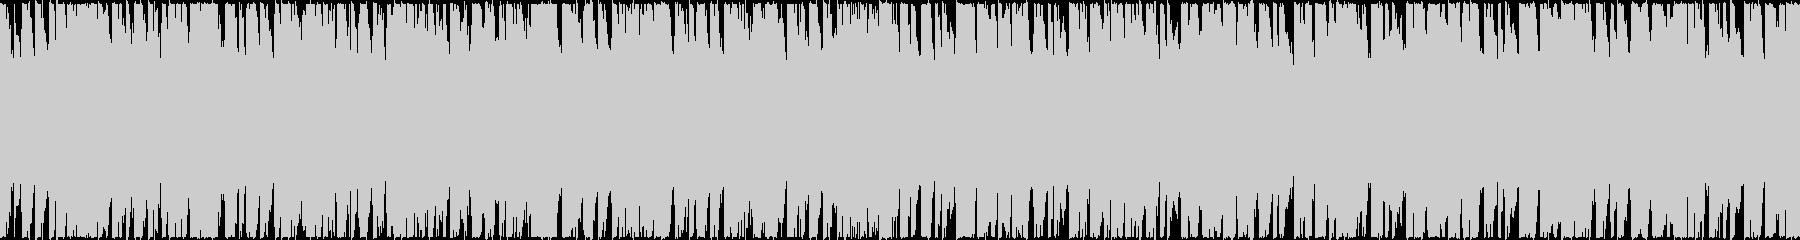 かっこいい雰囲気のループBGMの未再生の波形